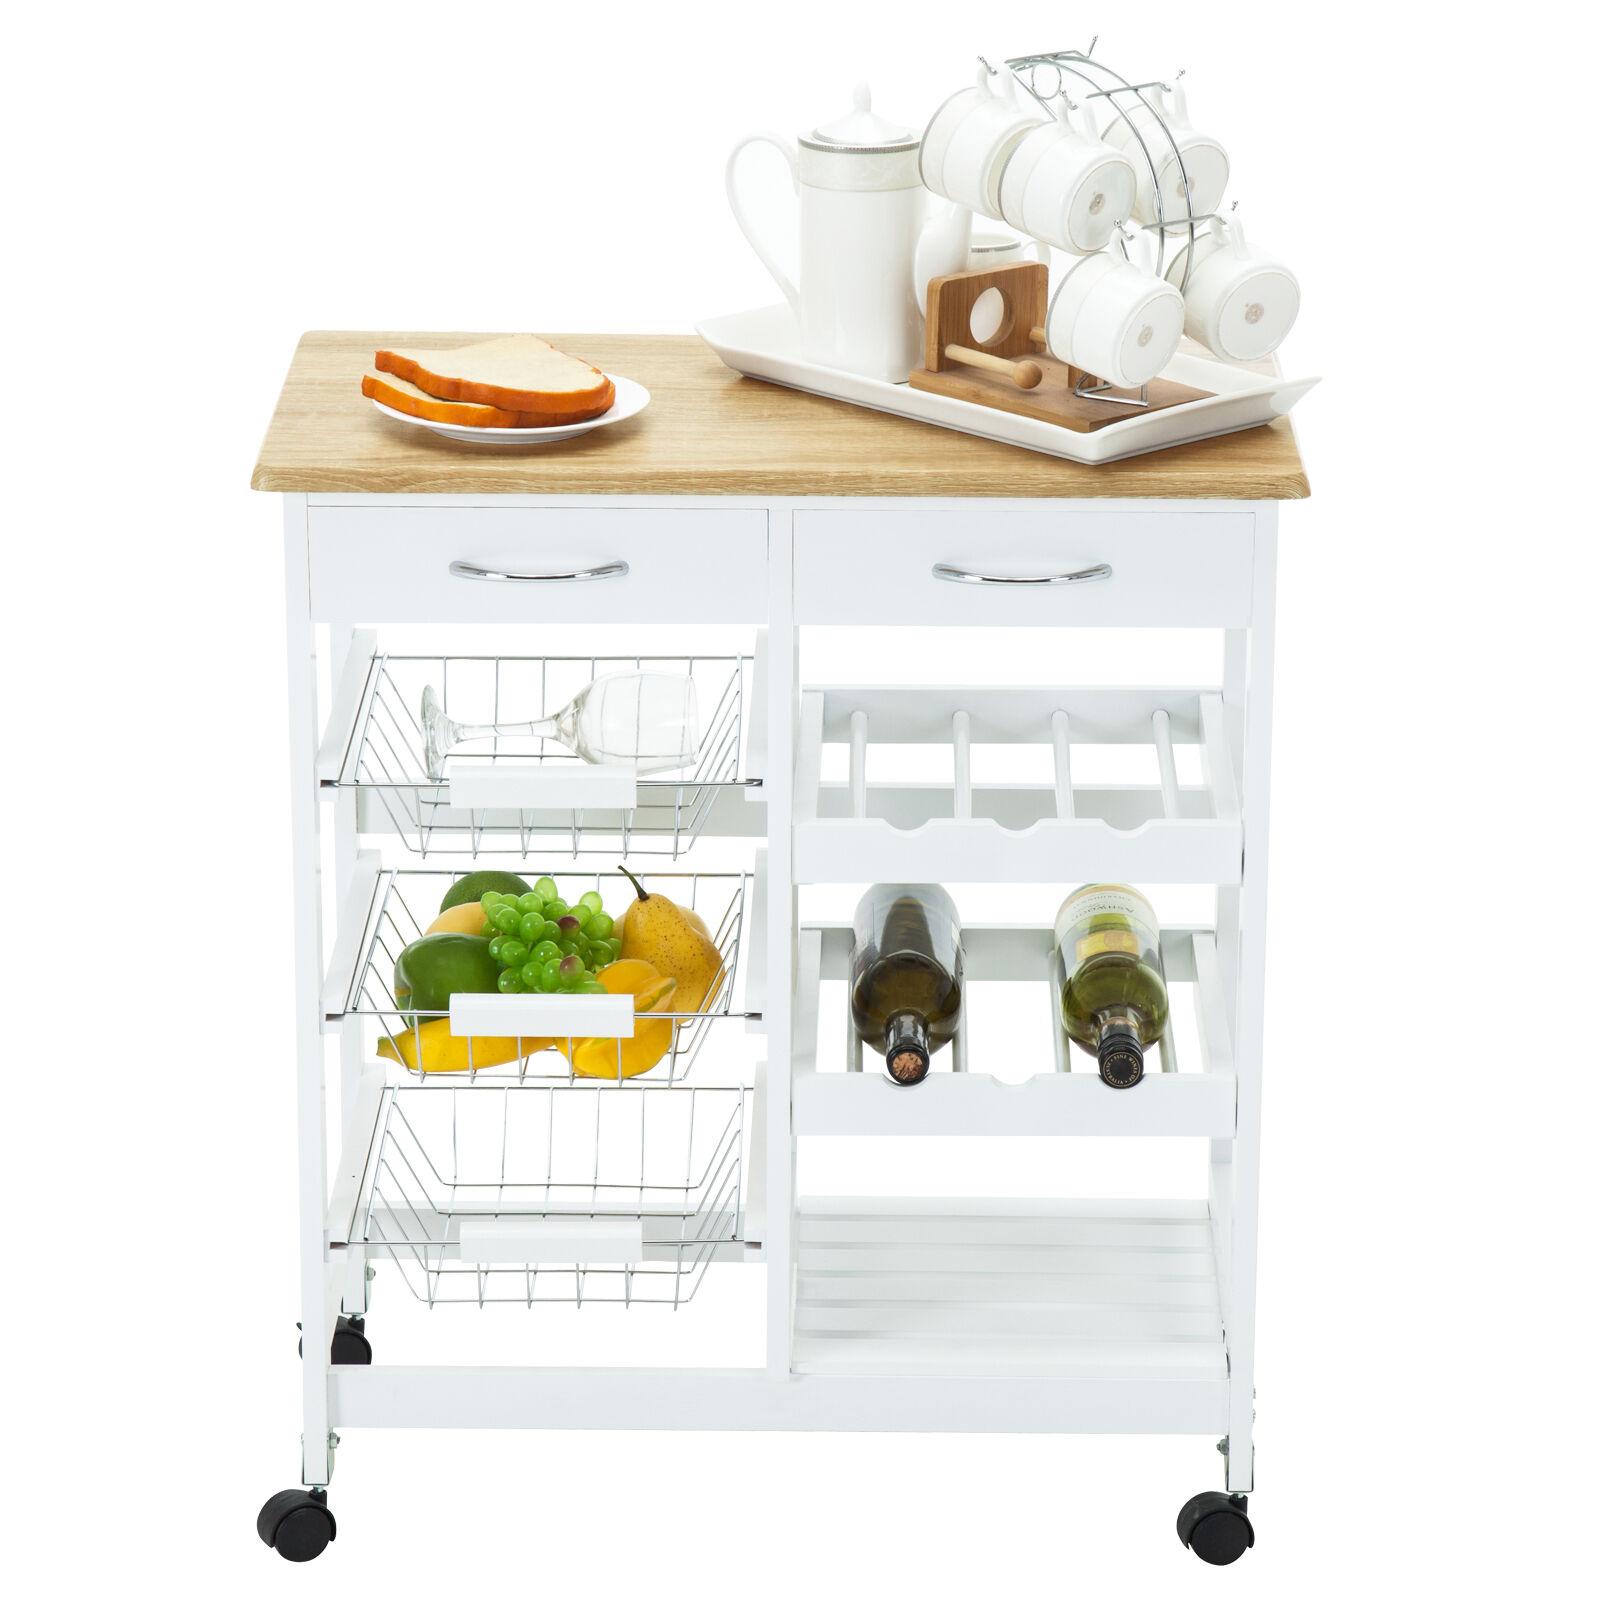 Oak Rolling Kitchen Island Cart Trolley Dining Storage W